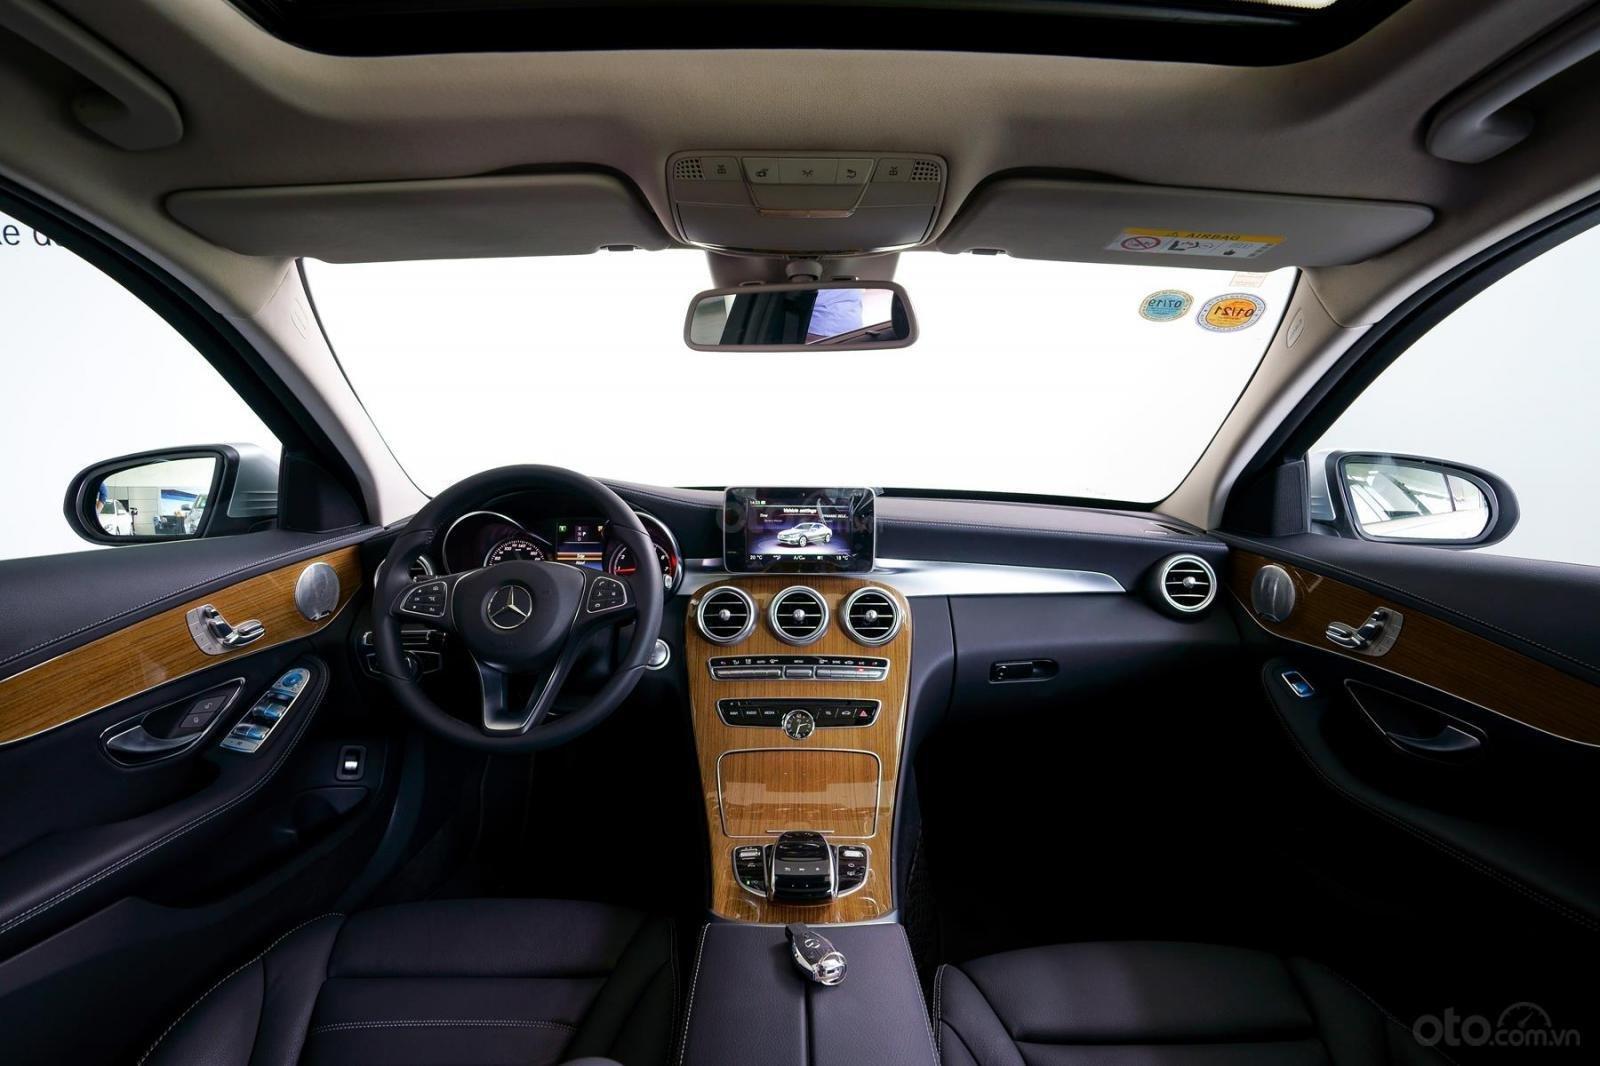 Bán xe Mercedes-Benz C250 Exclusive đăng ký 2019 - 1 tỷ 5 (9)